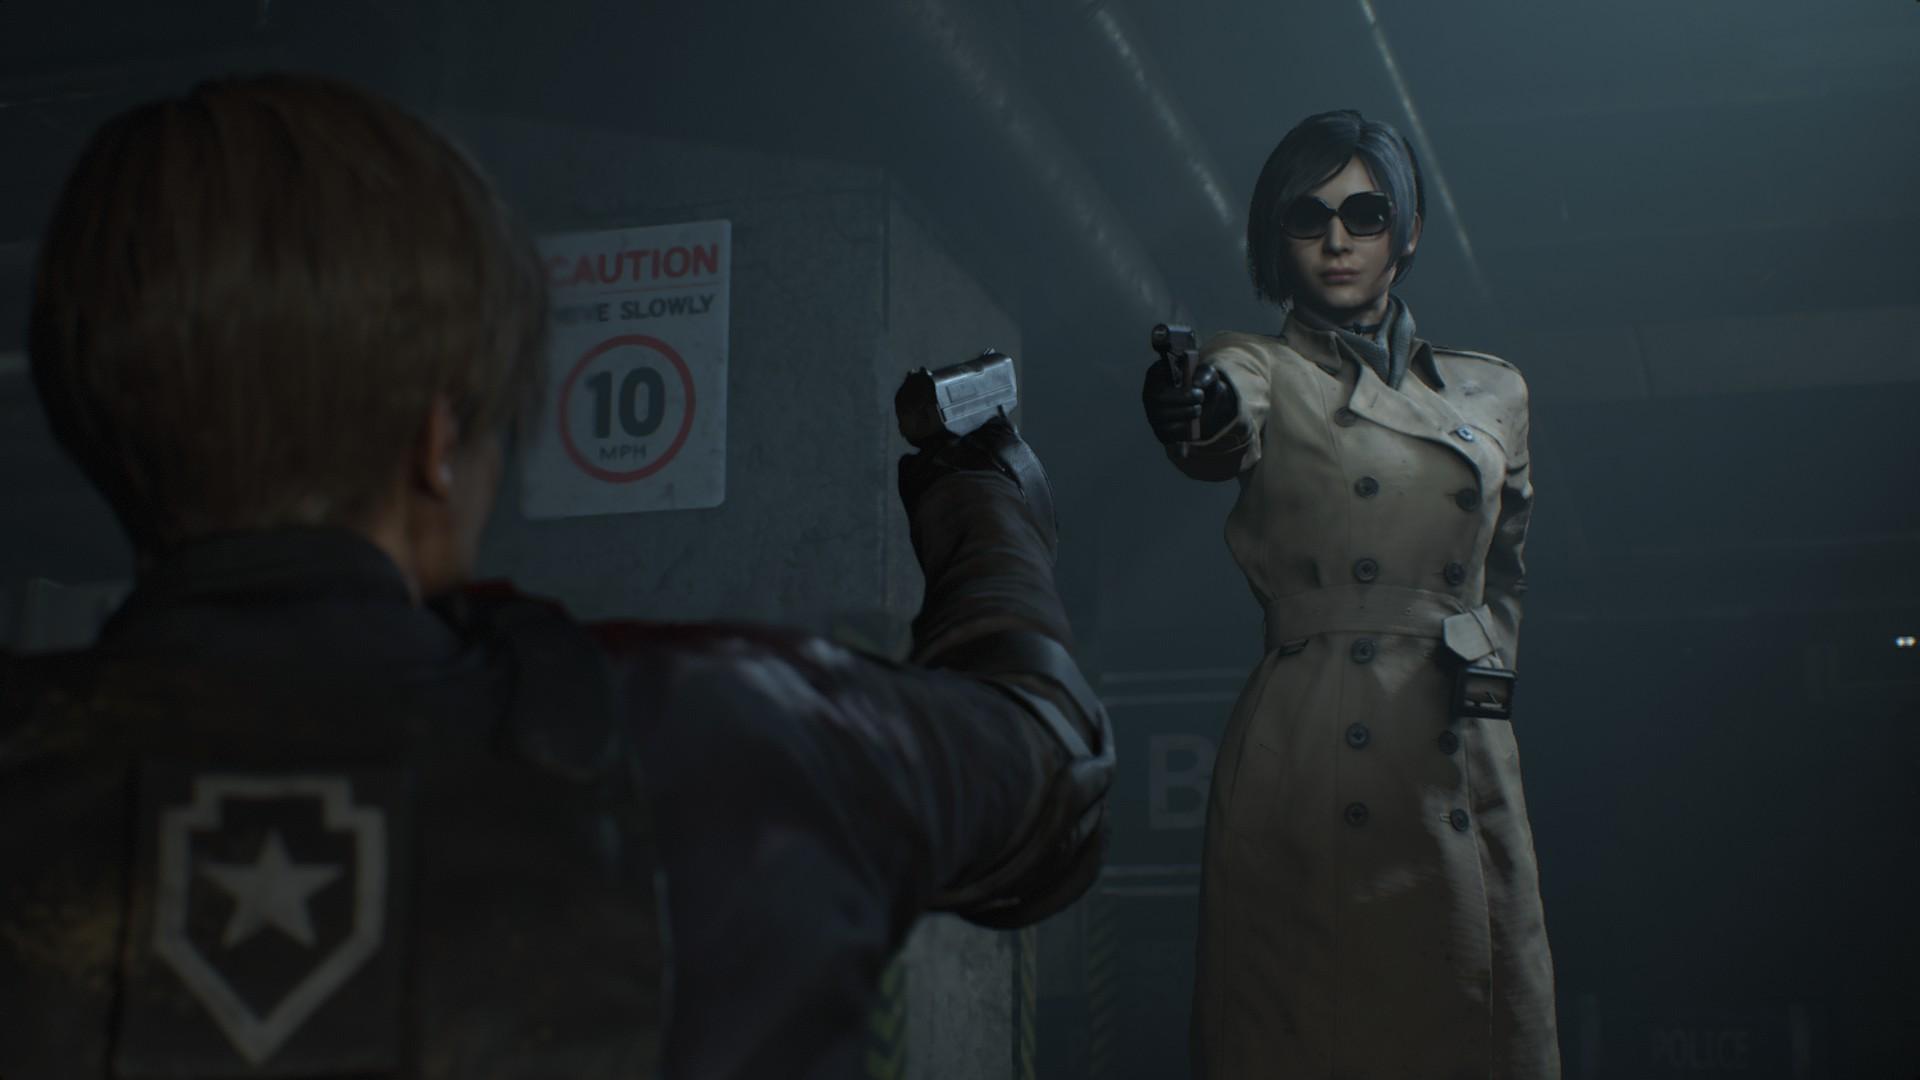 デスクトップ壁紙 Resident Evil 2 Remake バイオハザード2 レオン